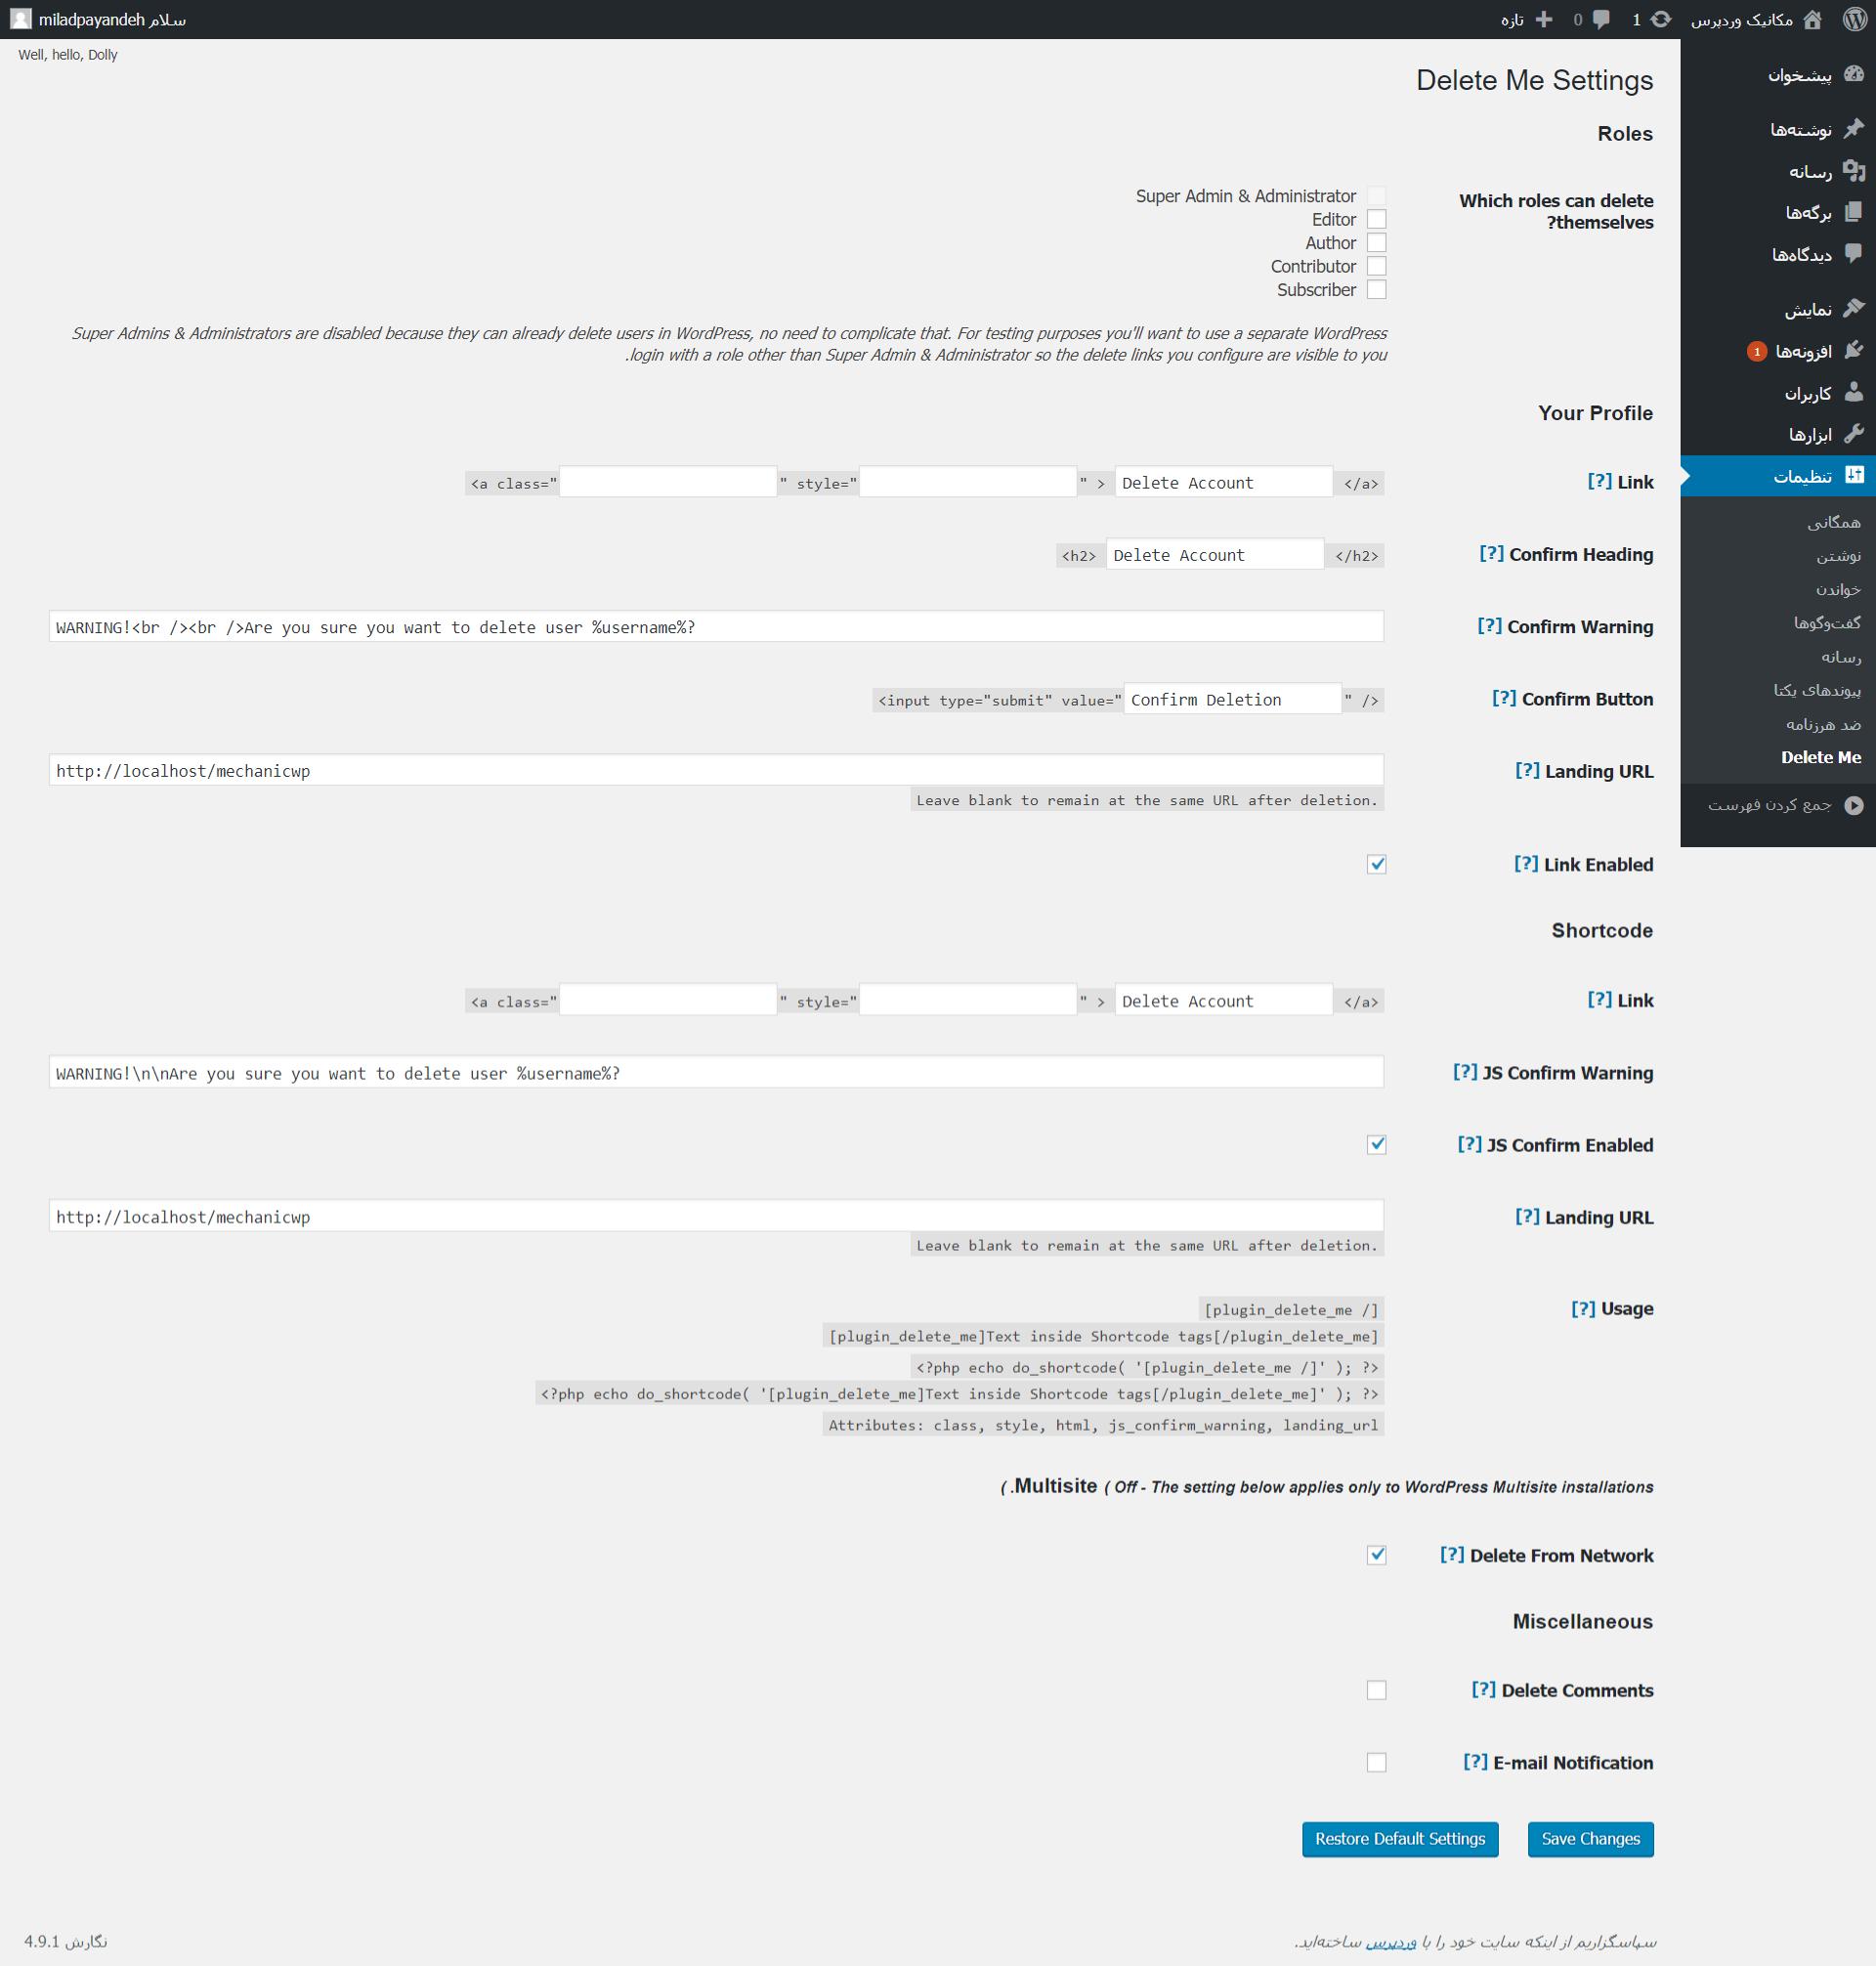 حذف اکانت کاربر توسط خودش در وردپرس با Delete Me